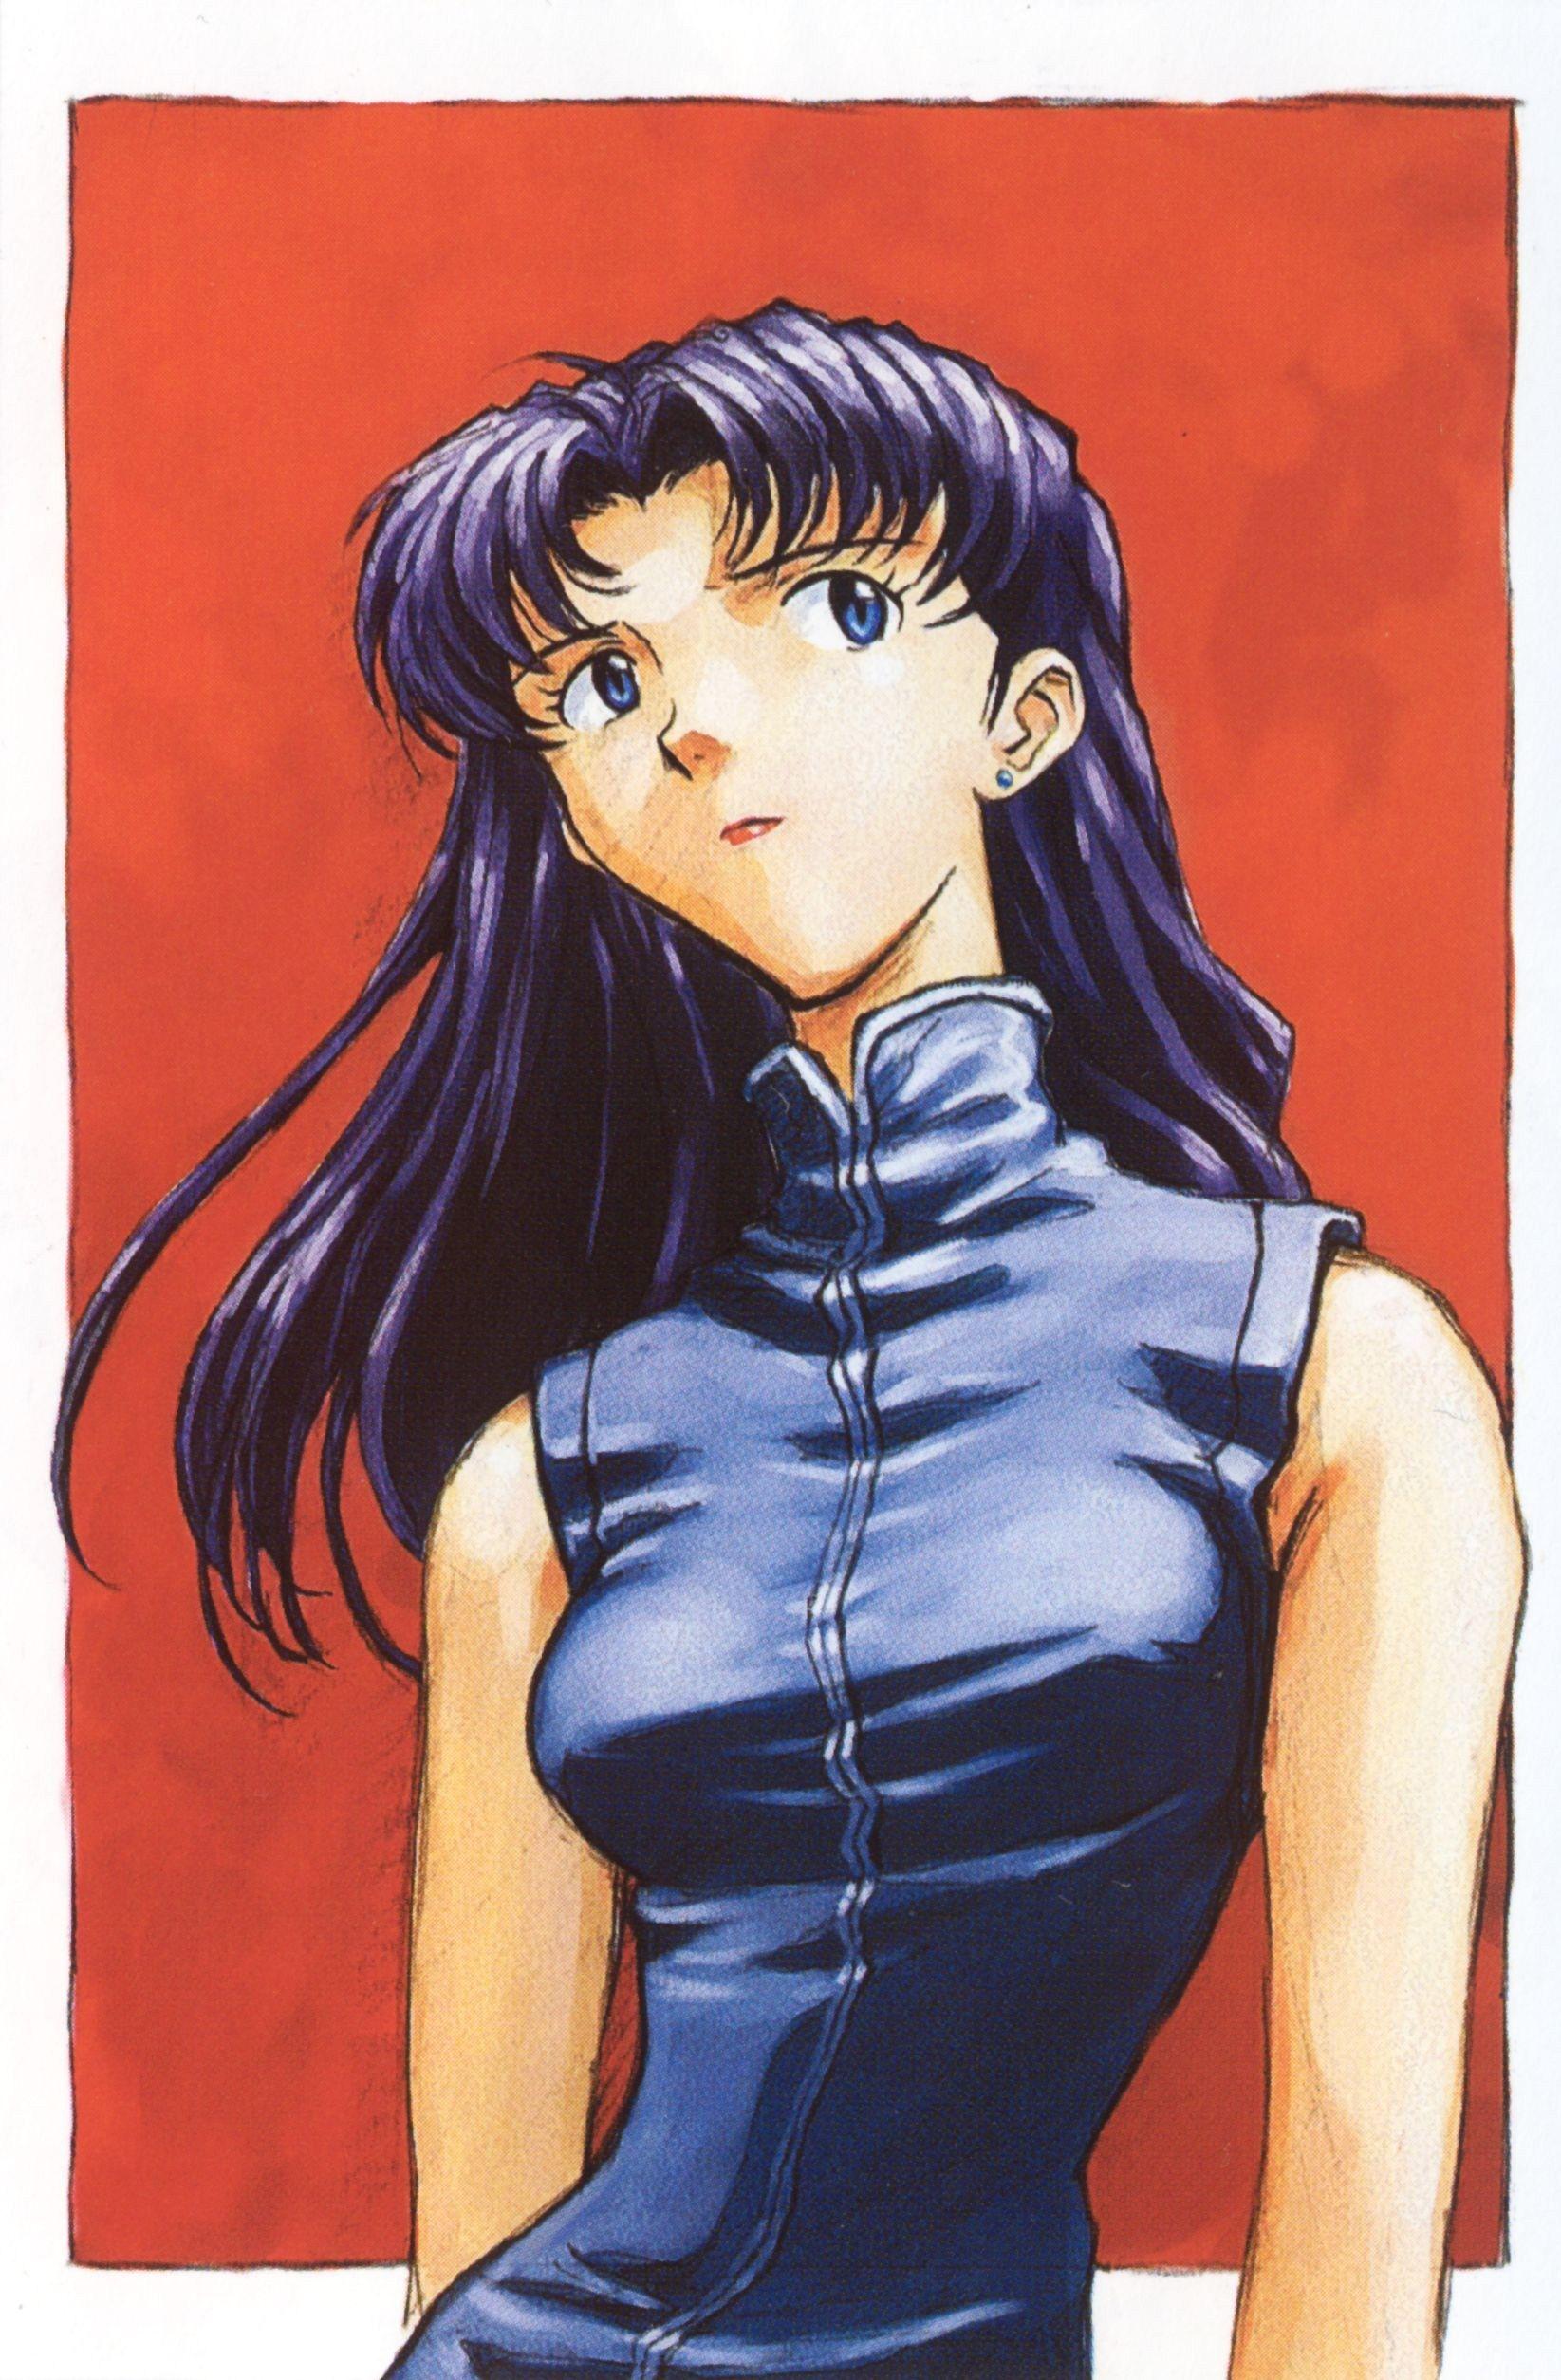 Misato Wallpaper : misato, wallpaper, MIsato, Katsuragi, Evangelion,, Genesis, Evangelion